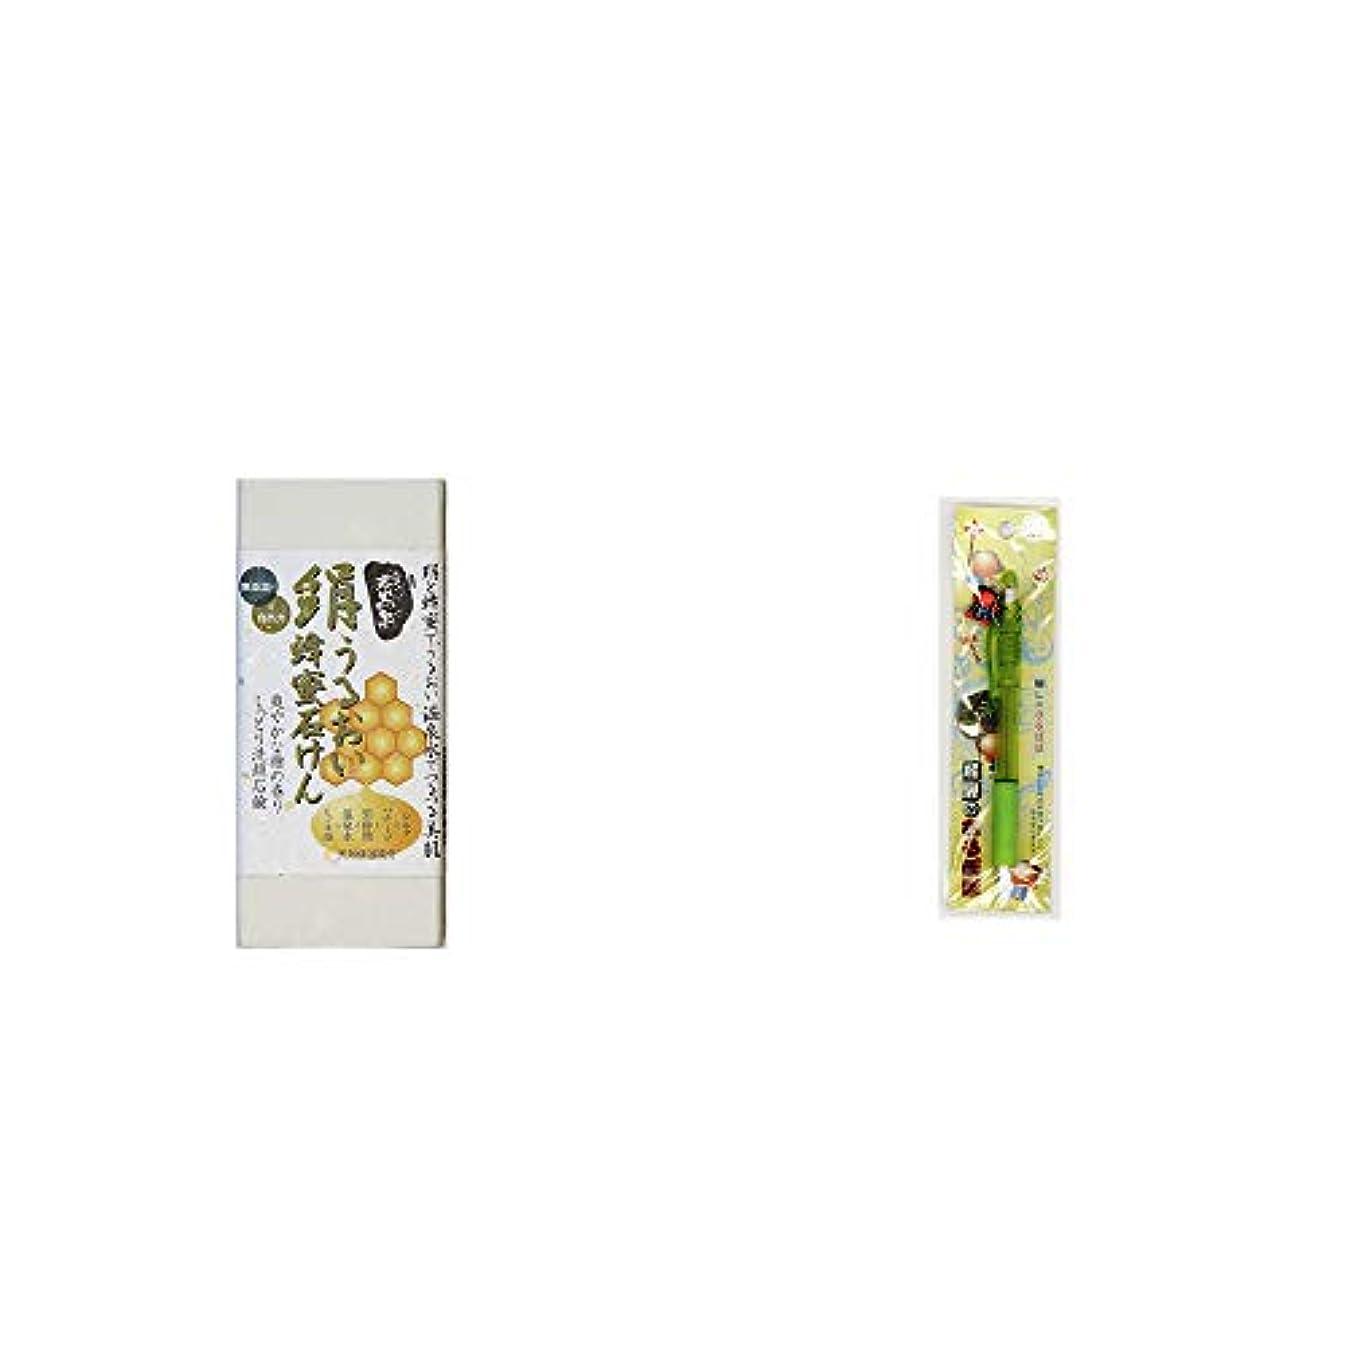 オセアニアアラスカ赤字[2点セット] ひのき炭黒泉 絹うるおい蜂蜜石けん(75g×2)?さるぼぼ 癒しシャープペン 【グリーン】